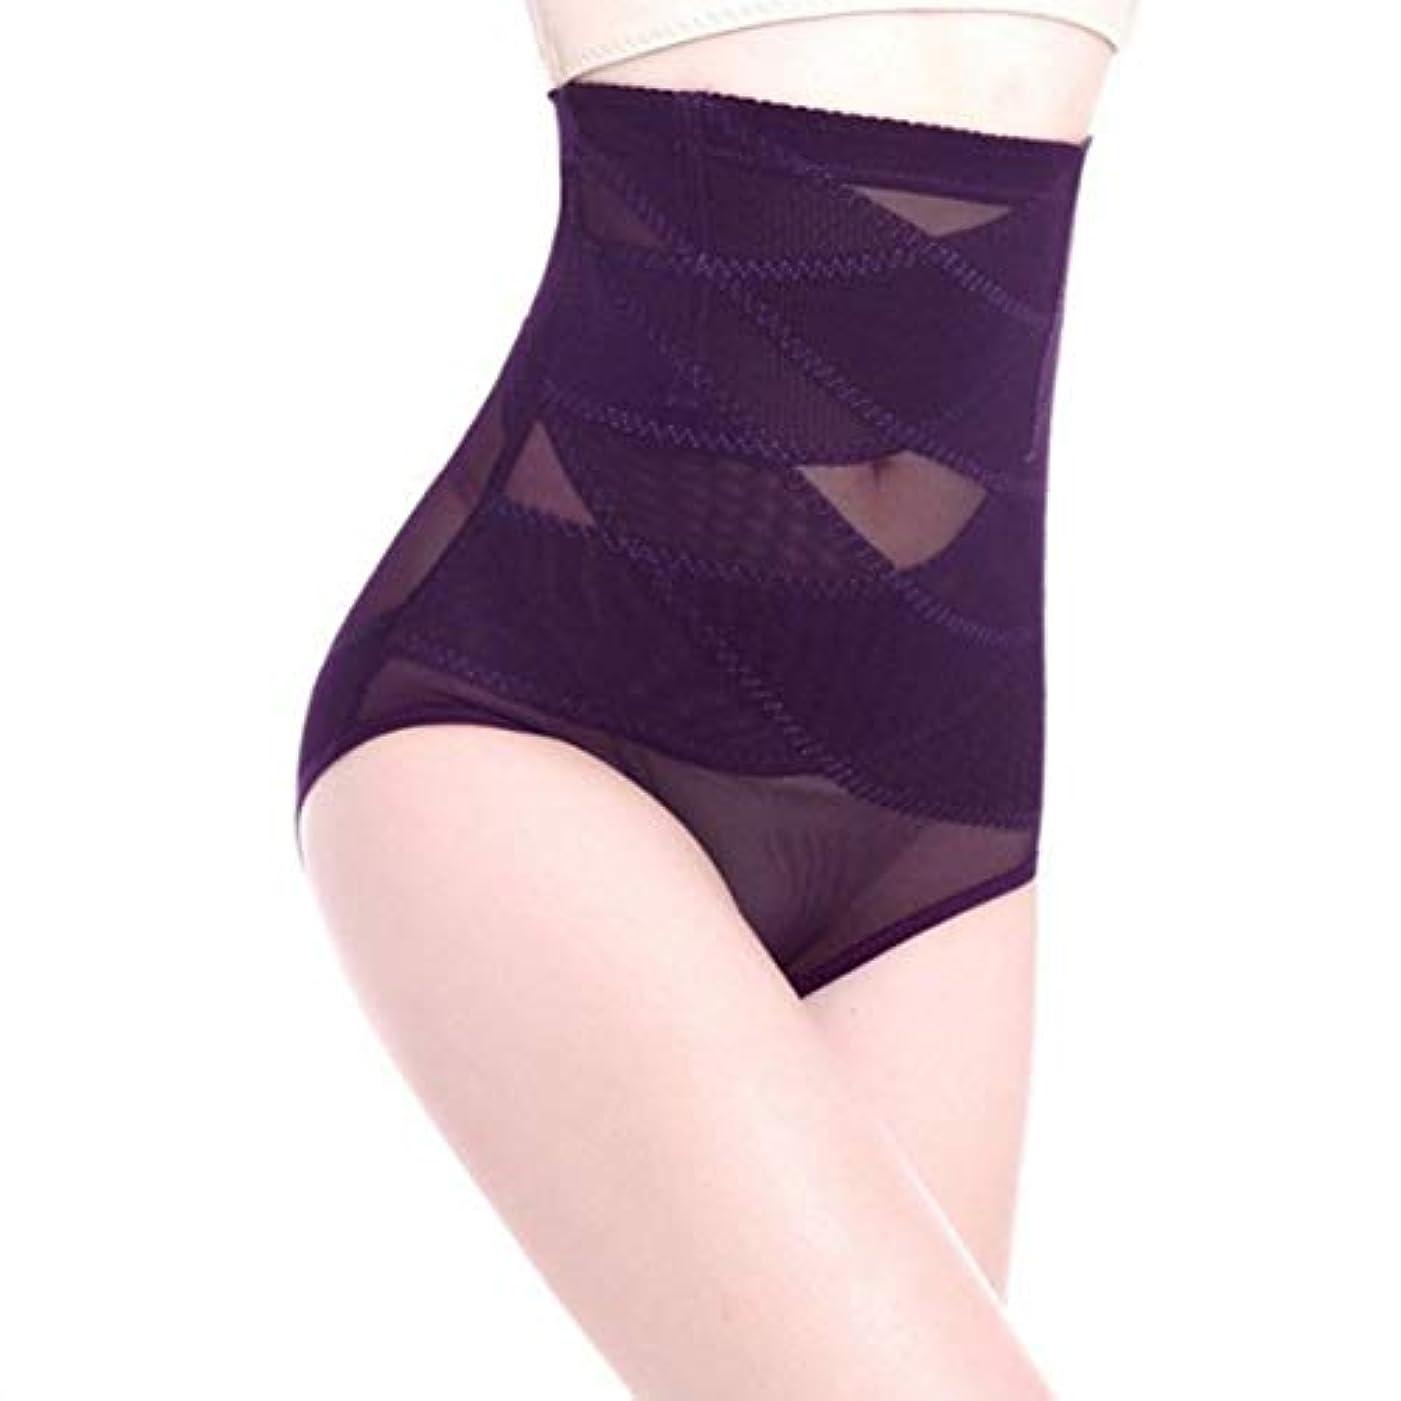 バイアス混乱させる拒絶する通気性のあるハイウエスト女性痩身腹部コントロール下着シームレスおなかコントロールパンティーバットリフターボディシェイパー - パープル3 XL